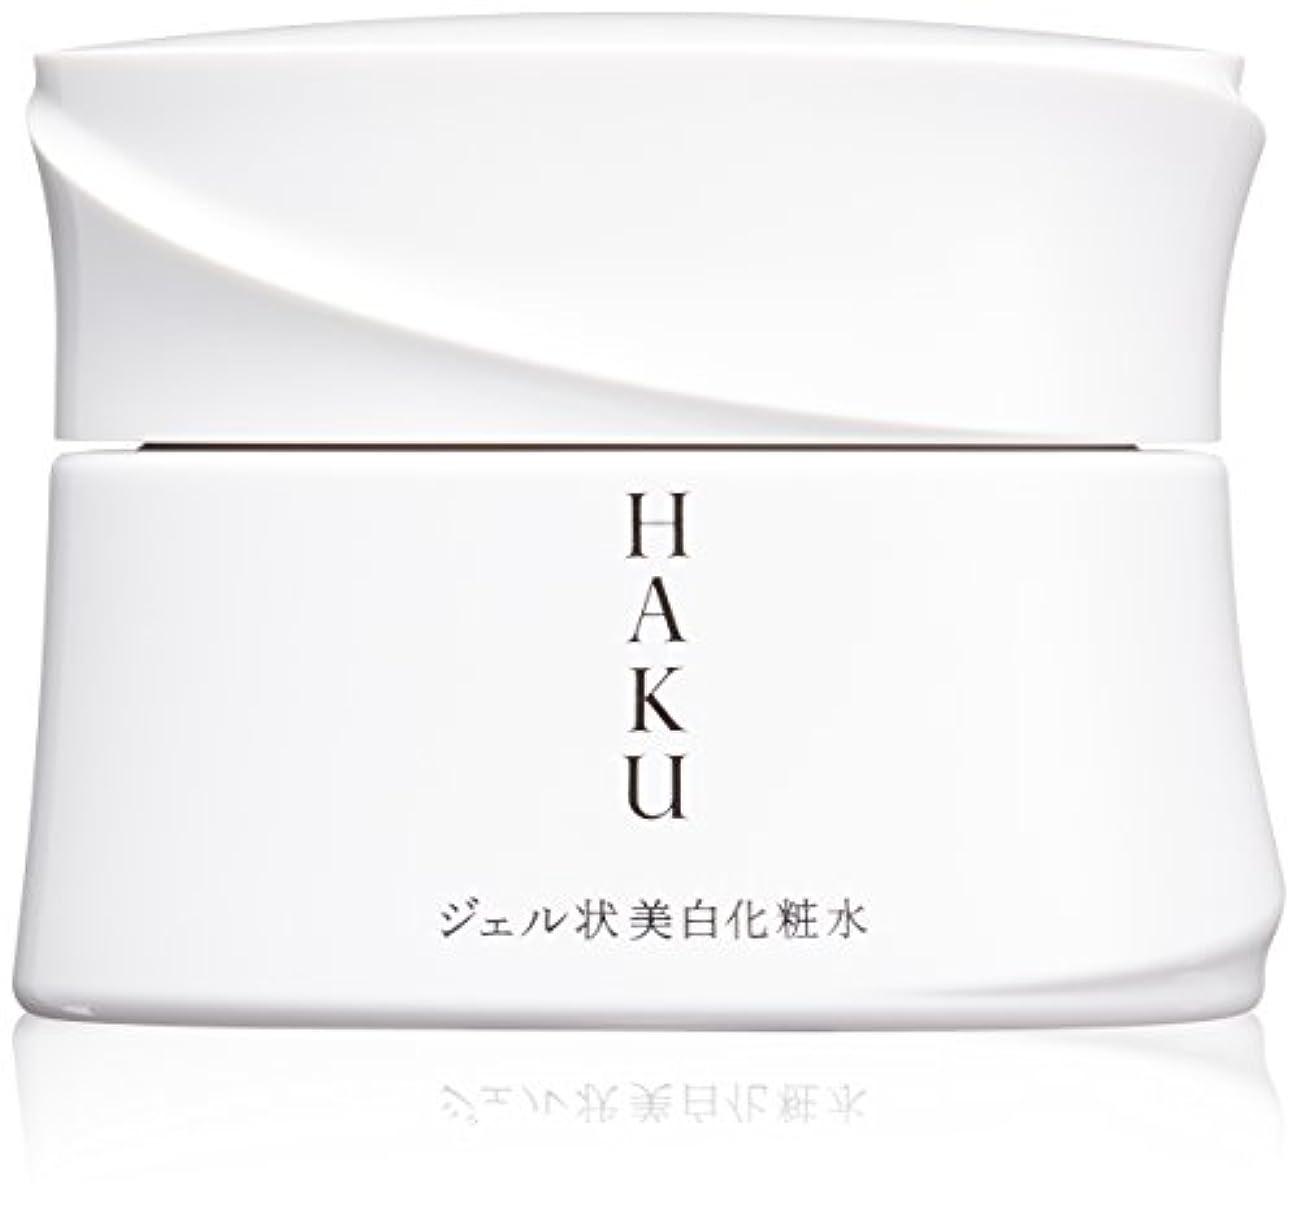 通知嘆く鍔HAKU メラノディープモイスチャー 美白化粧水 100g 【医薬部外品】